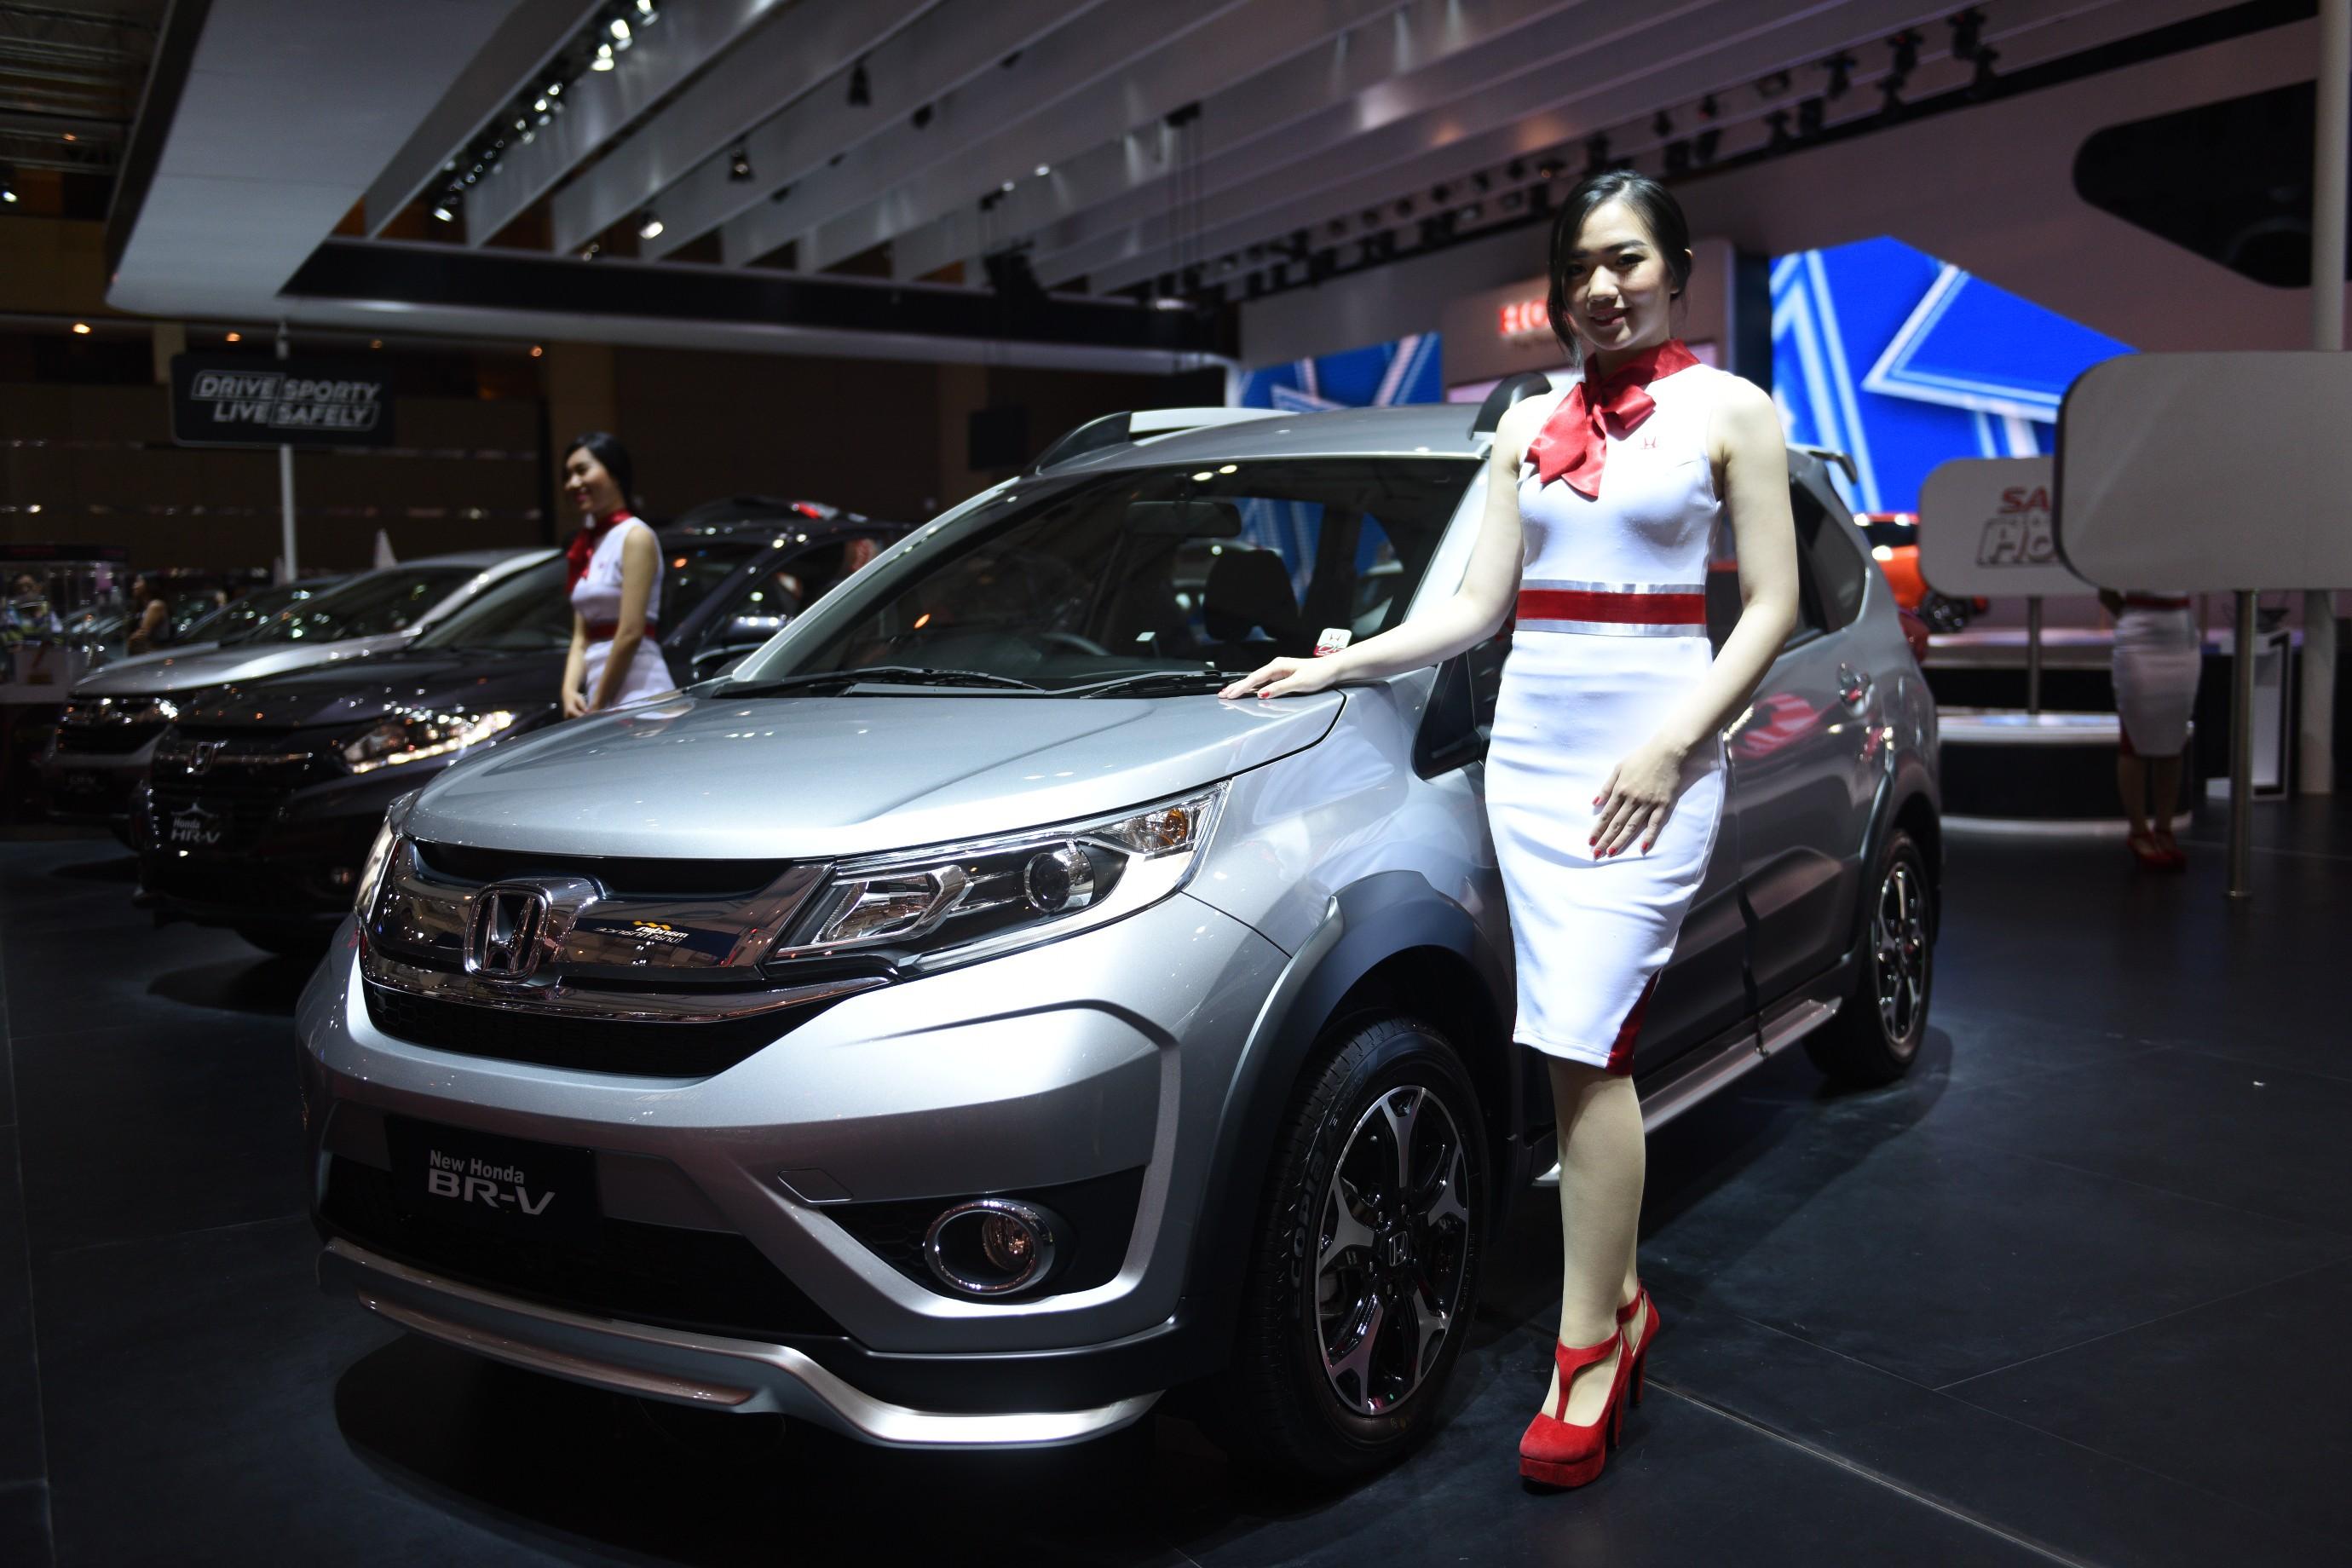 720 Gambar Modifikasi Mobil Honda Brv Gratis Terbaru